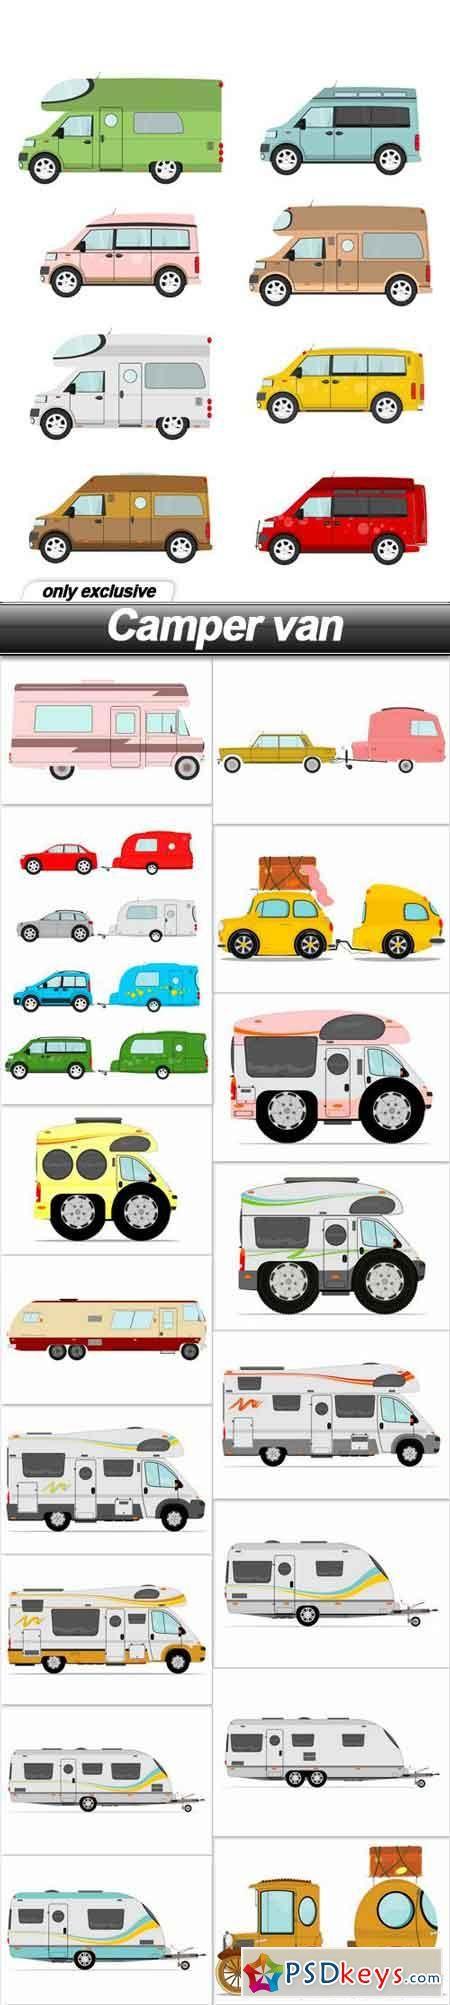 سكرابز صور سيارات للتصميم Cars Pngs منتديات تلوين Stock Images Free Clip Art Web Graphics